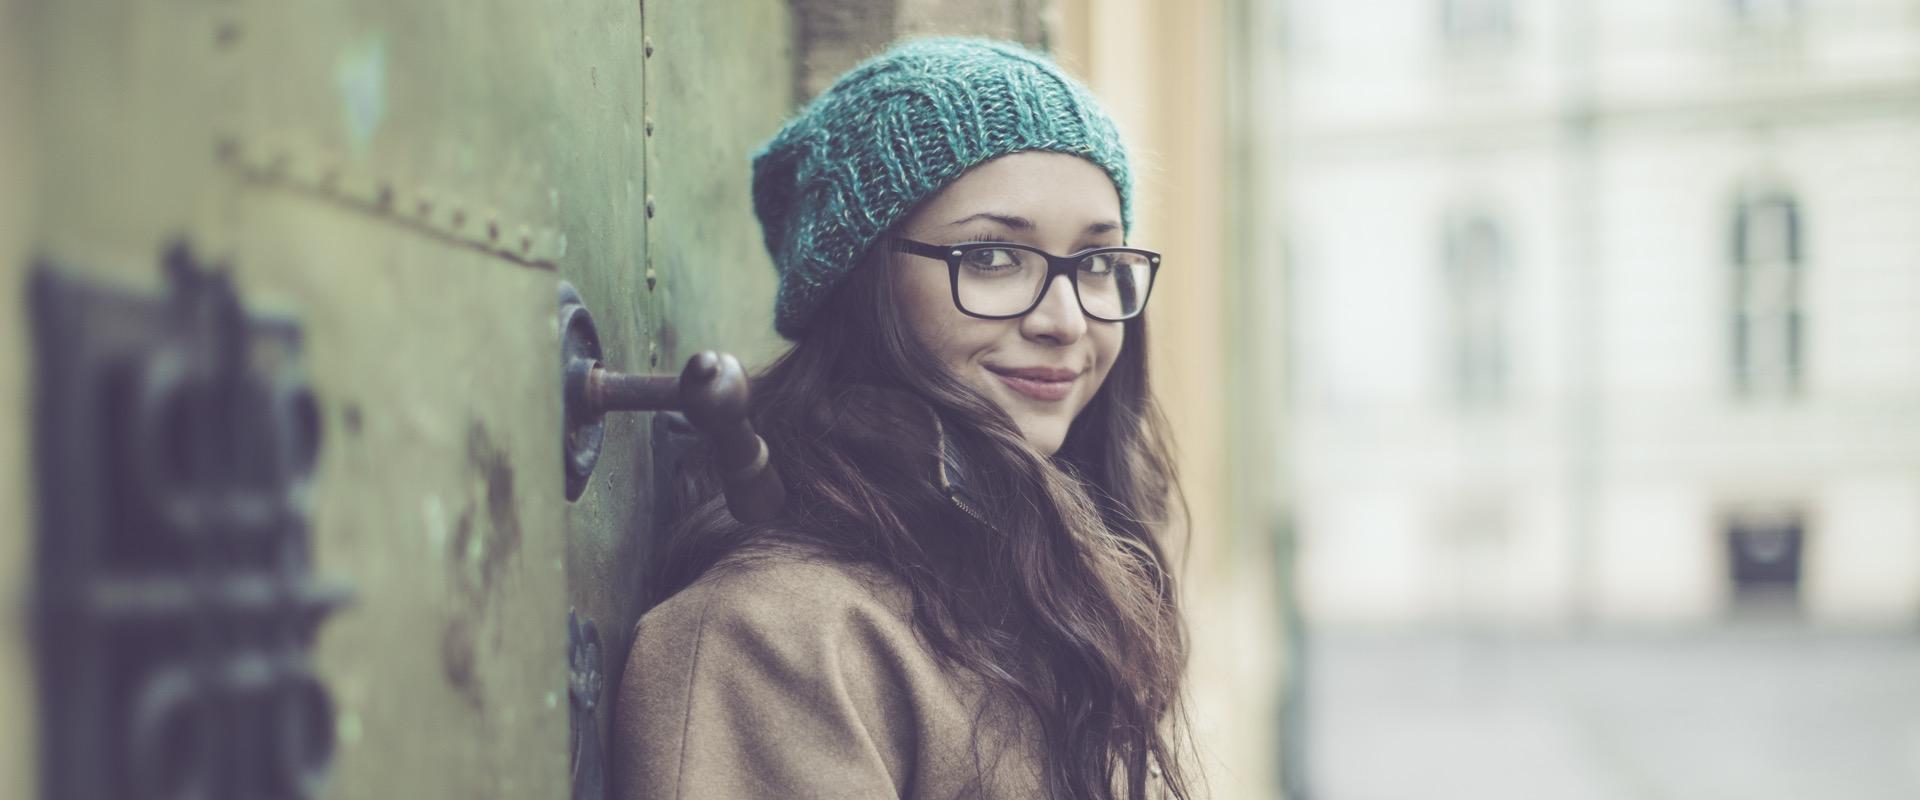 Junge Frau mit Mütze und Brille lehnt an einer Häuserwand und schaut in die Kamera.